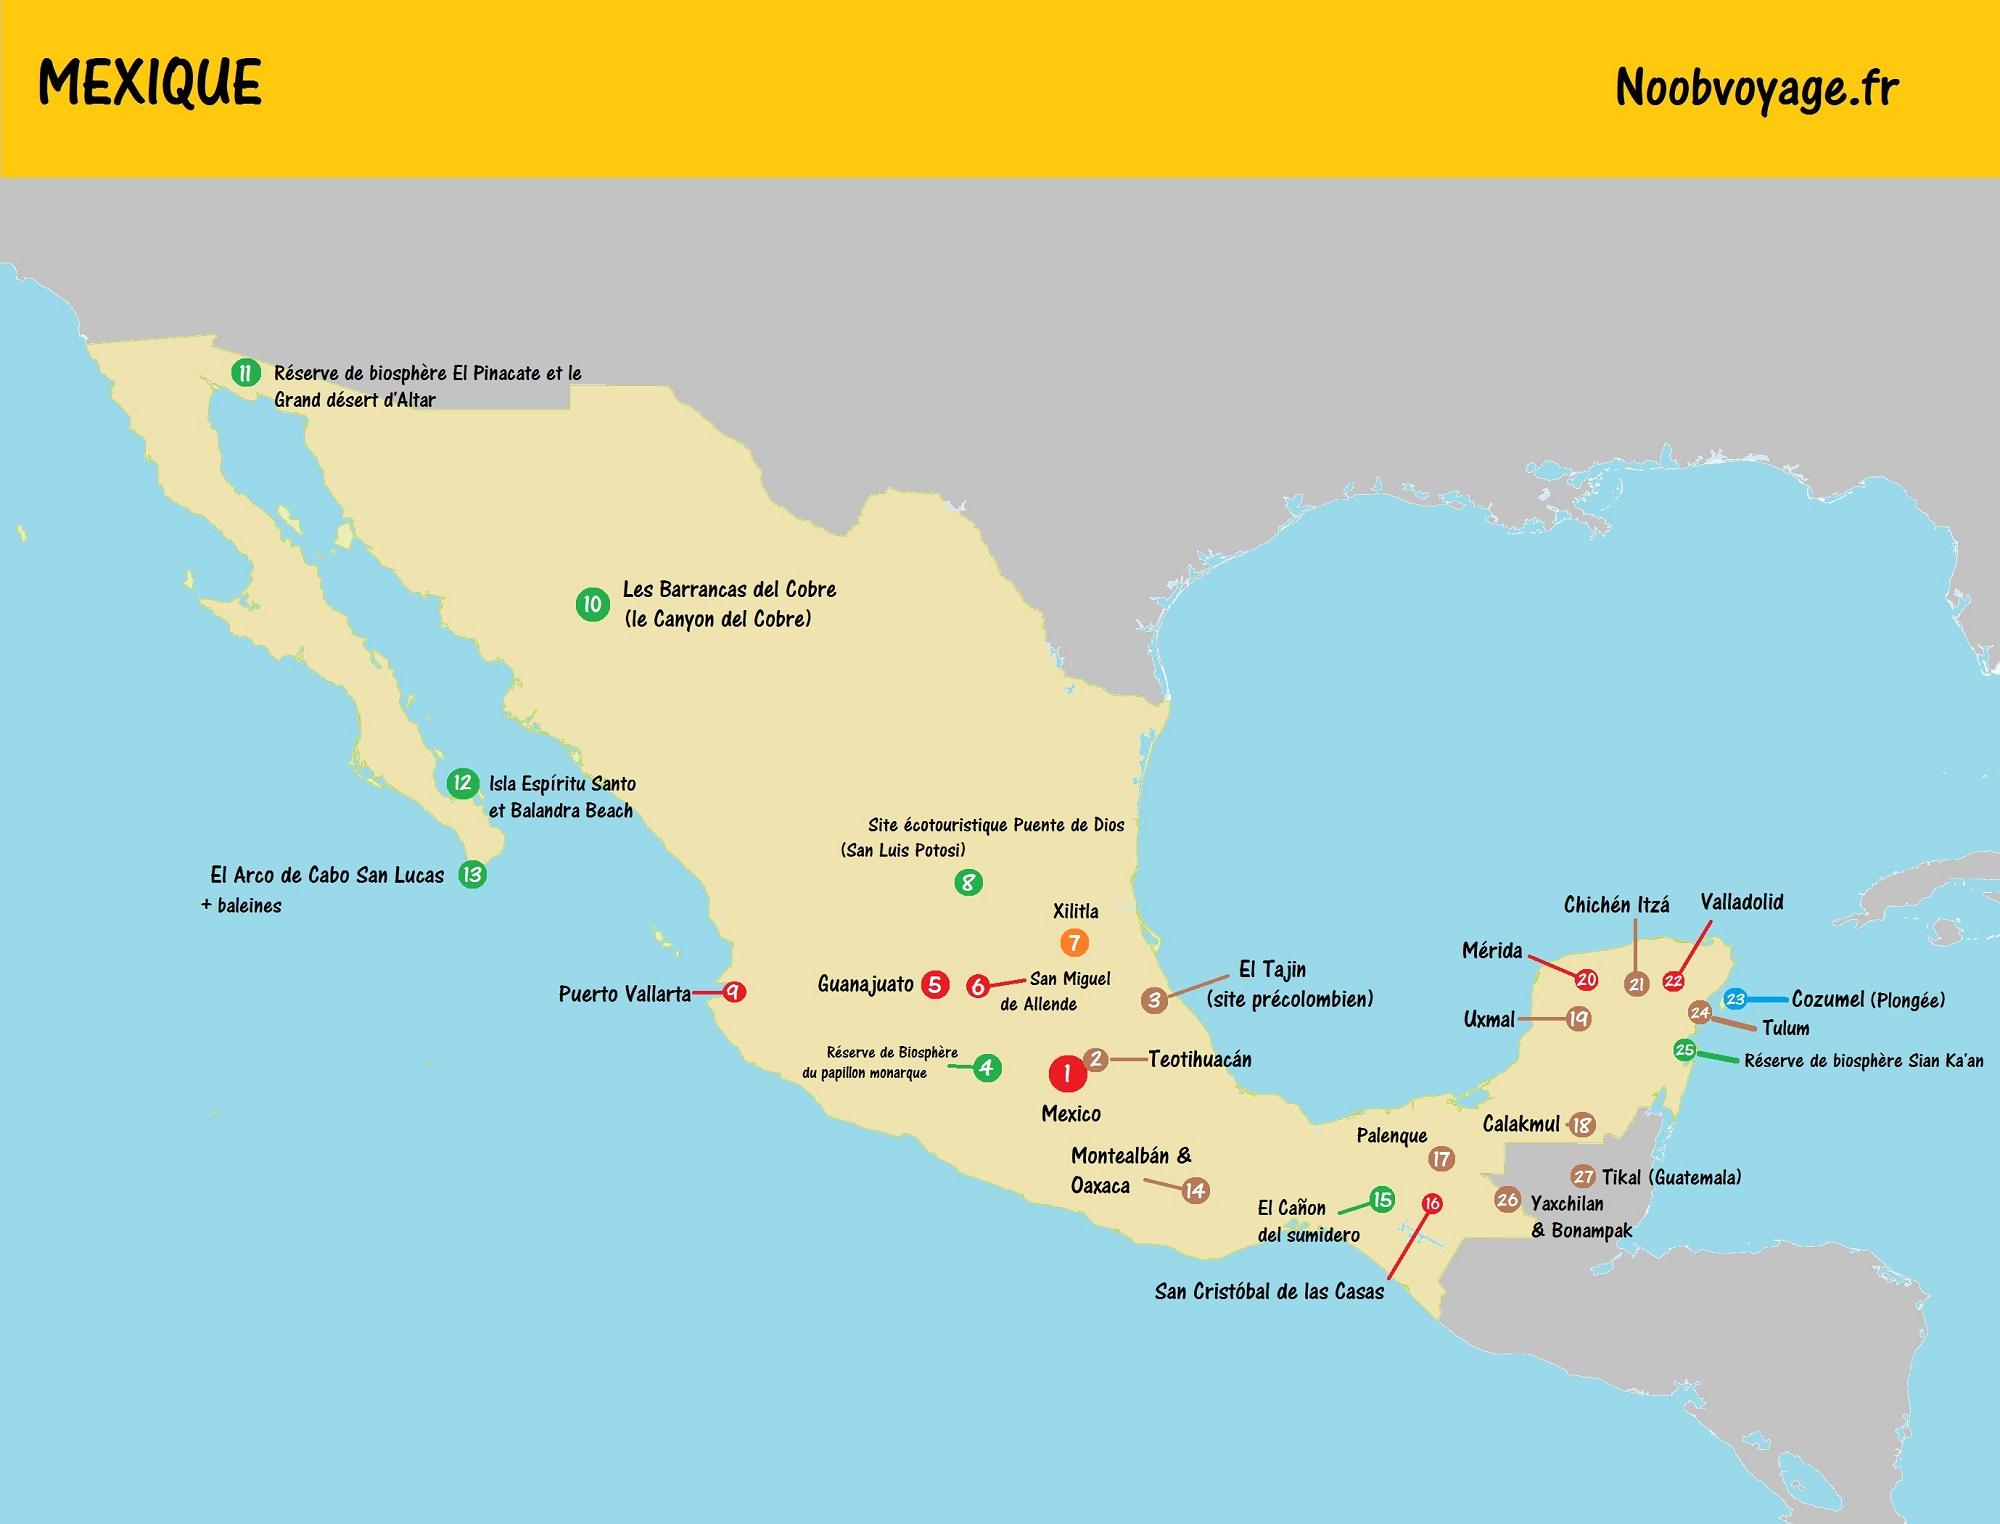 Carte Croatie Lieux Dinteret.Carte Touristique Du Mexique A Imprimer Noobvoyage Fr